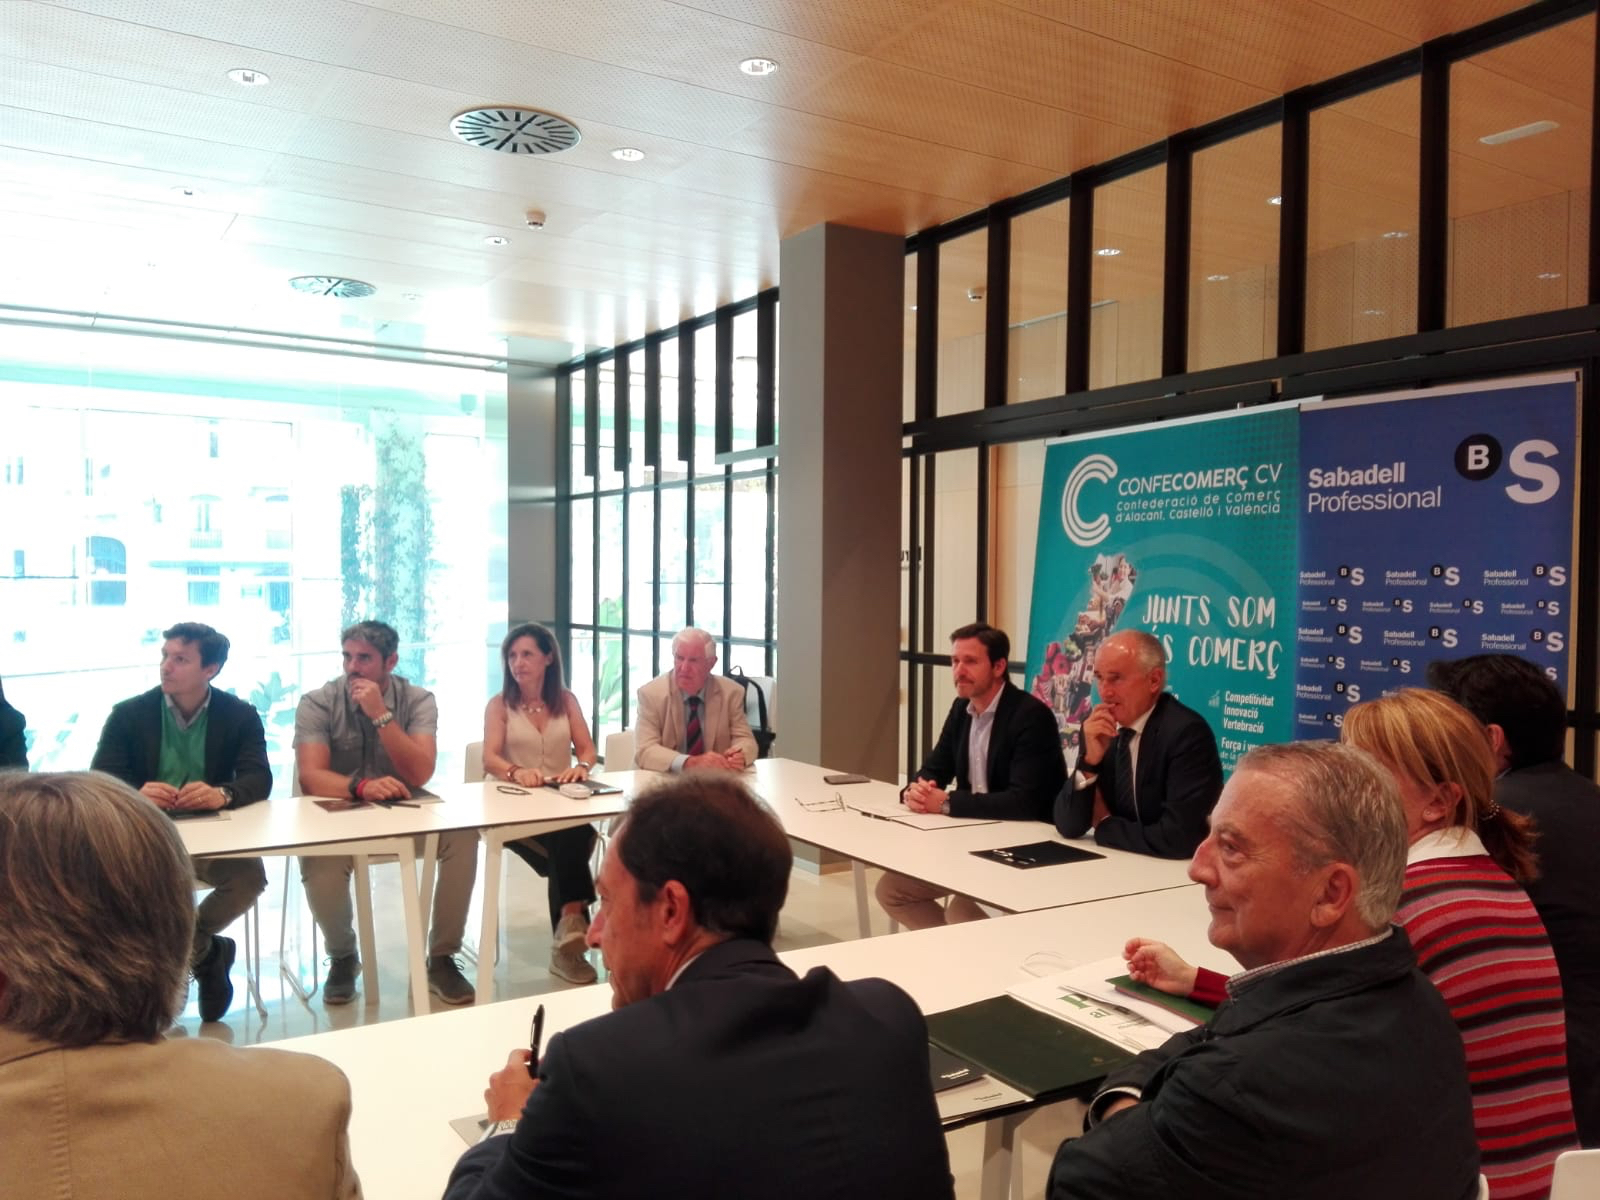 CONFECOMERc-CV-firma-un-convenio-de-colaboración-con-Banc-Sabadell